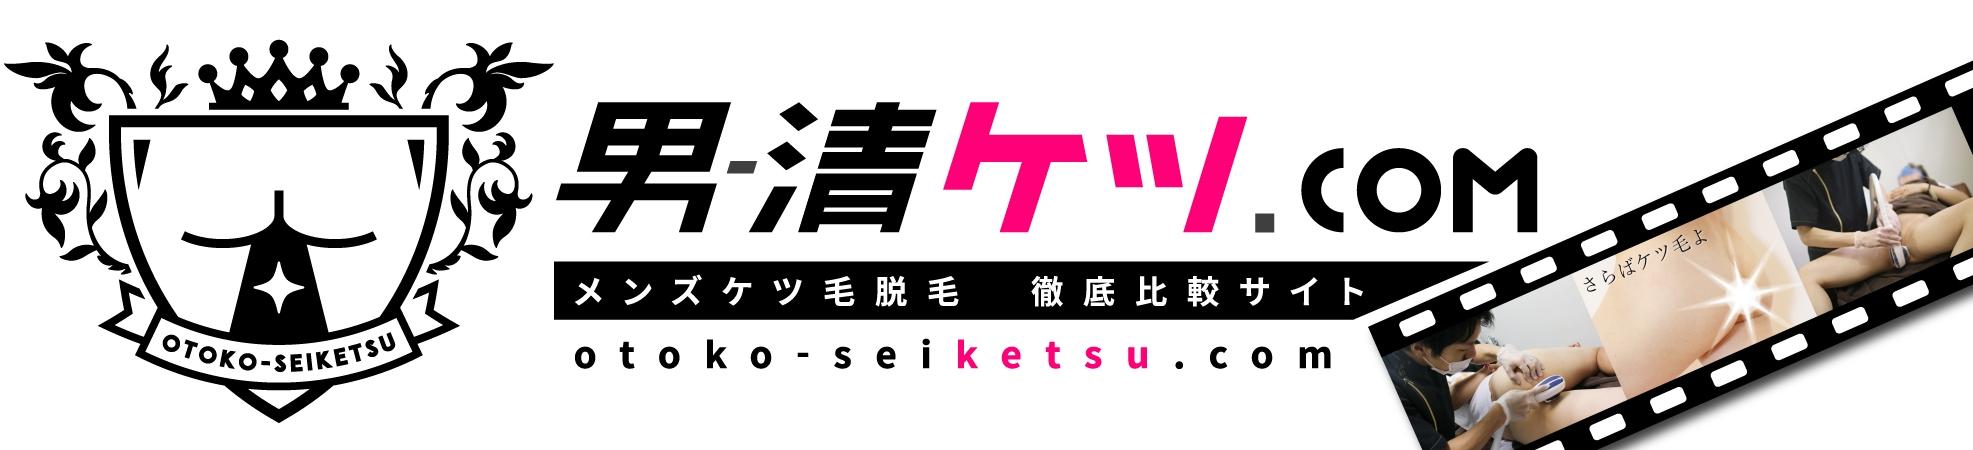 男セイケツ.com